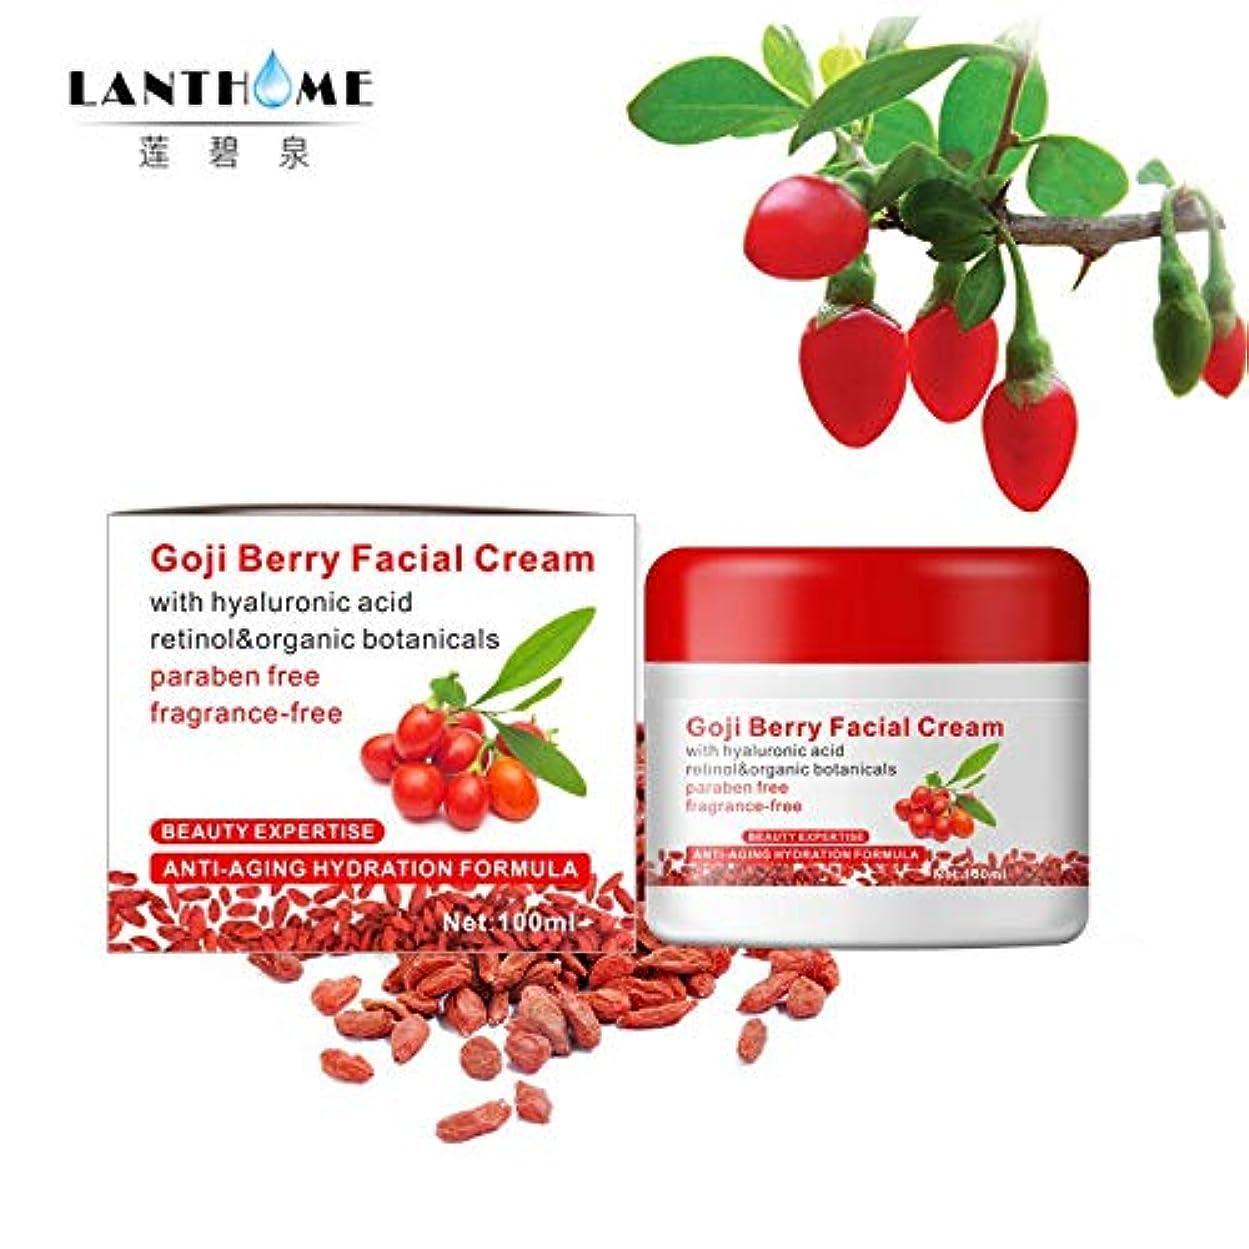 再生放散する出版新Lanthome 2018高品質ゴジ顔の保湿と抗加齢クリームケア製品深いしわの行を削除